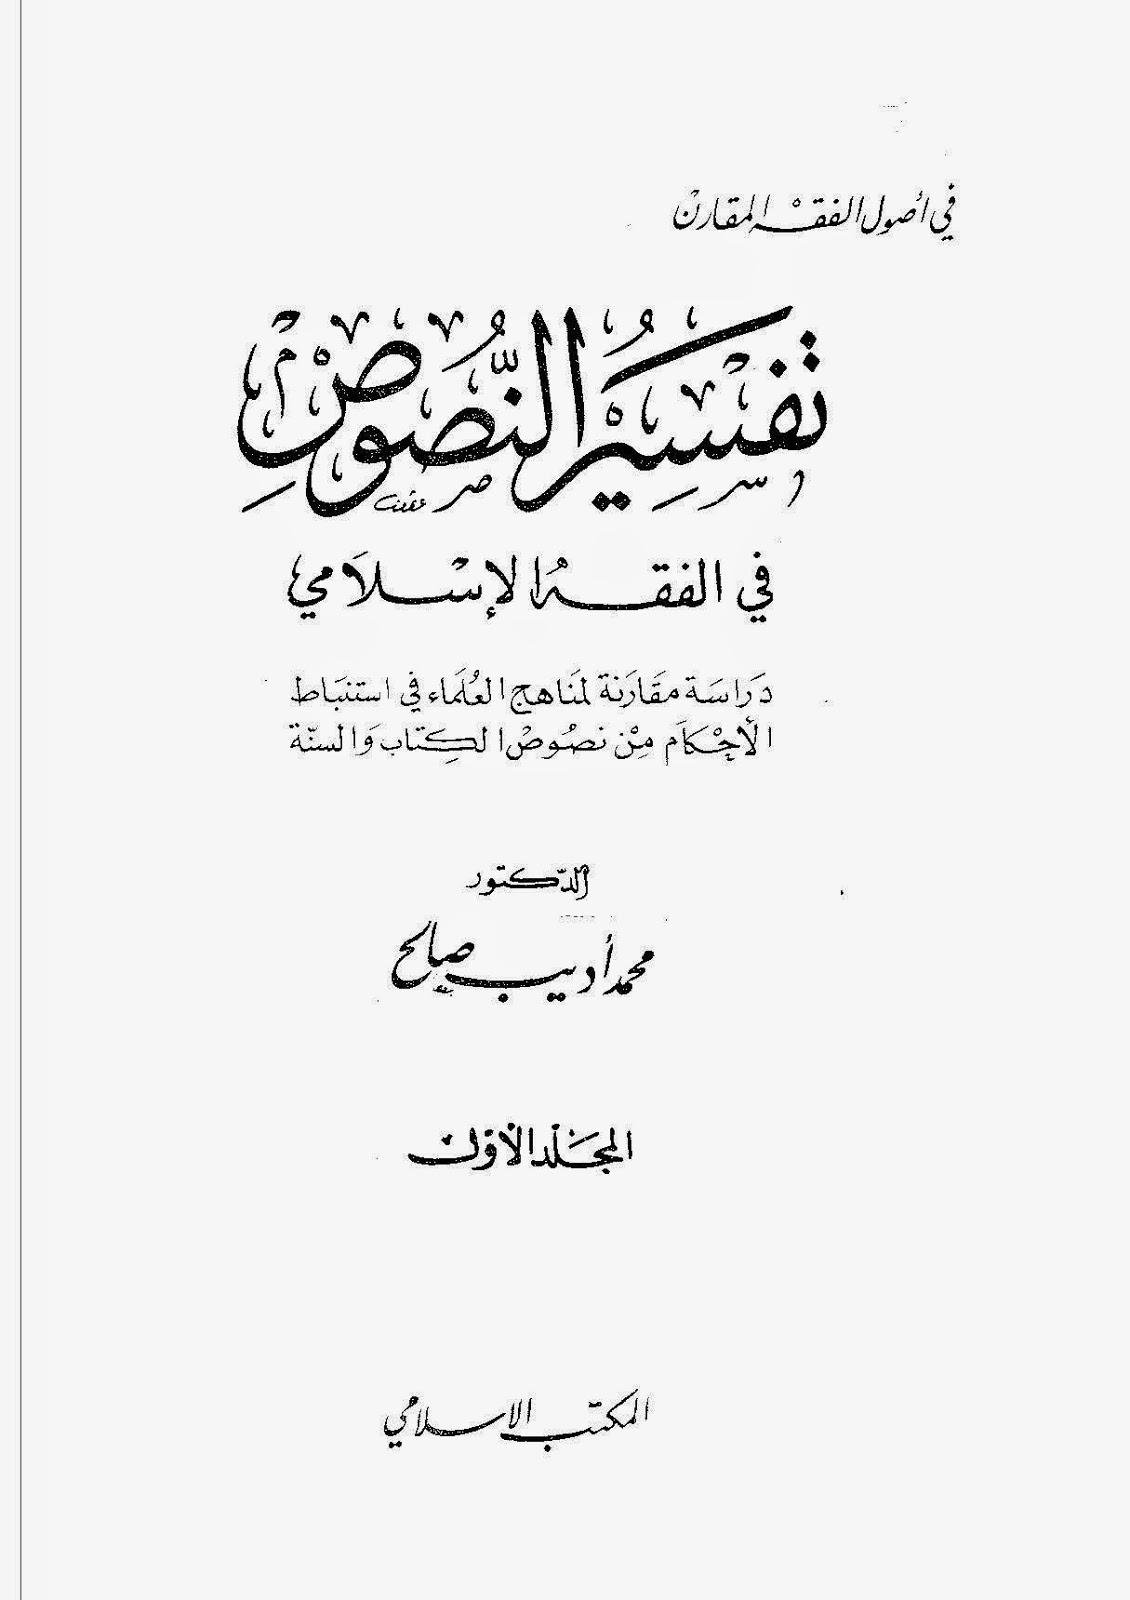 تفسير النصوص في الفقه الإسلامي لـ محمد أديب صالح